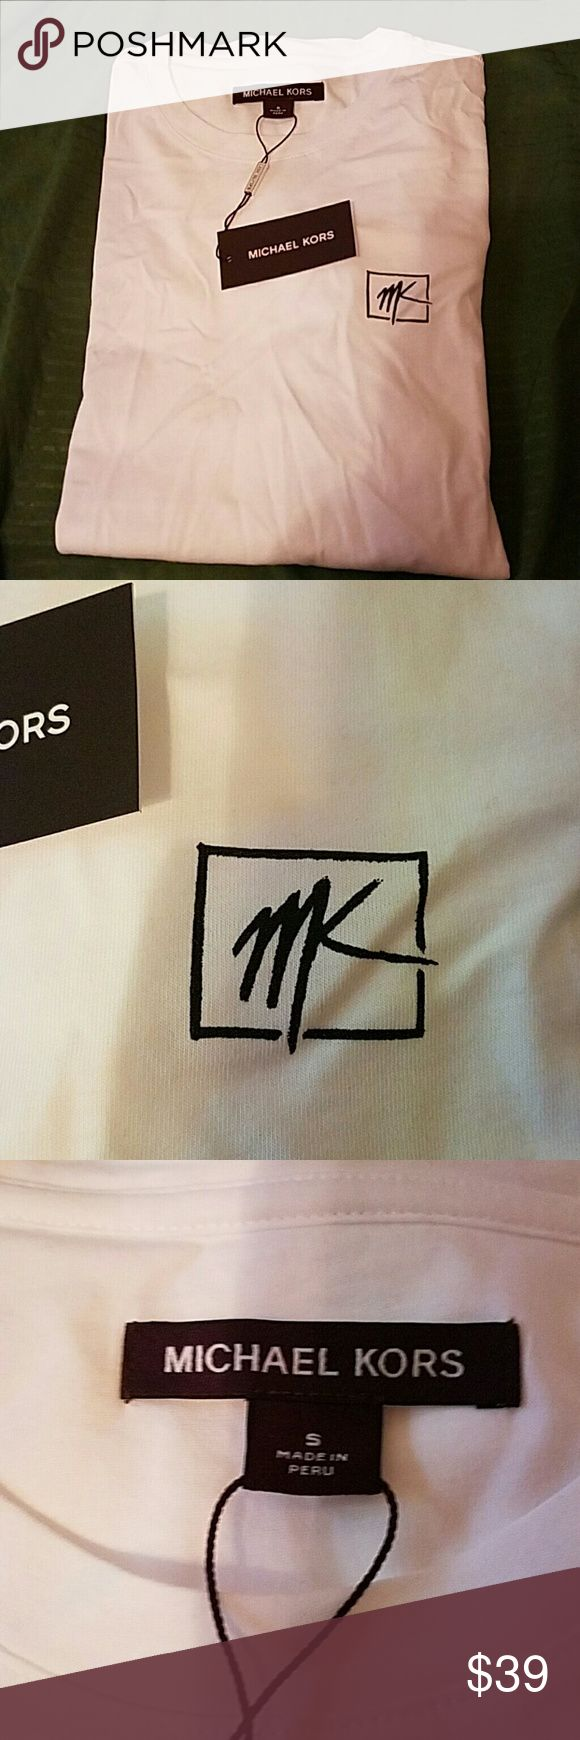 Michael kors plain tshirt mens Small michael kors mens plain tshirt Michael Kors Shirts Tees - Short Sleeve